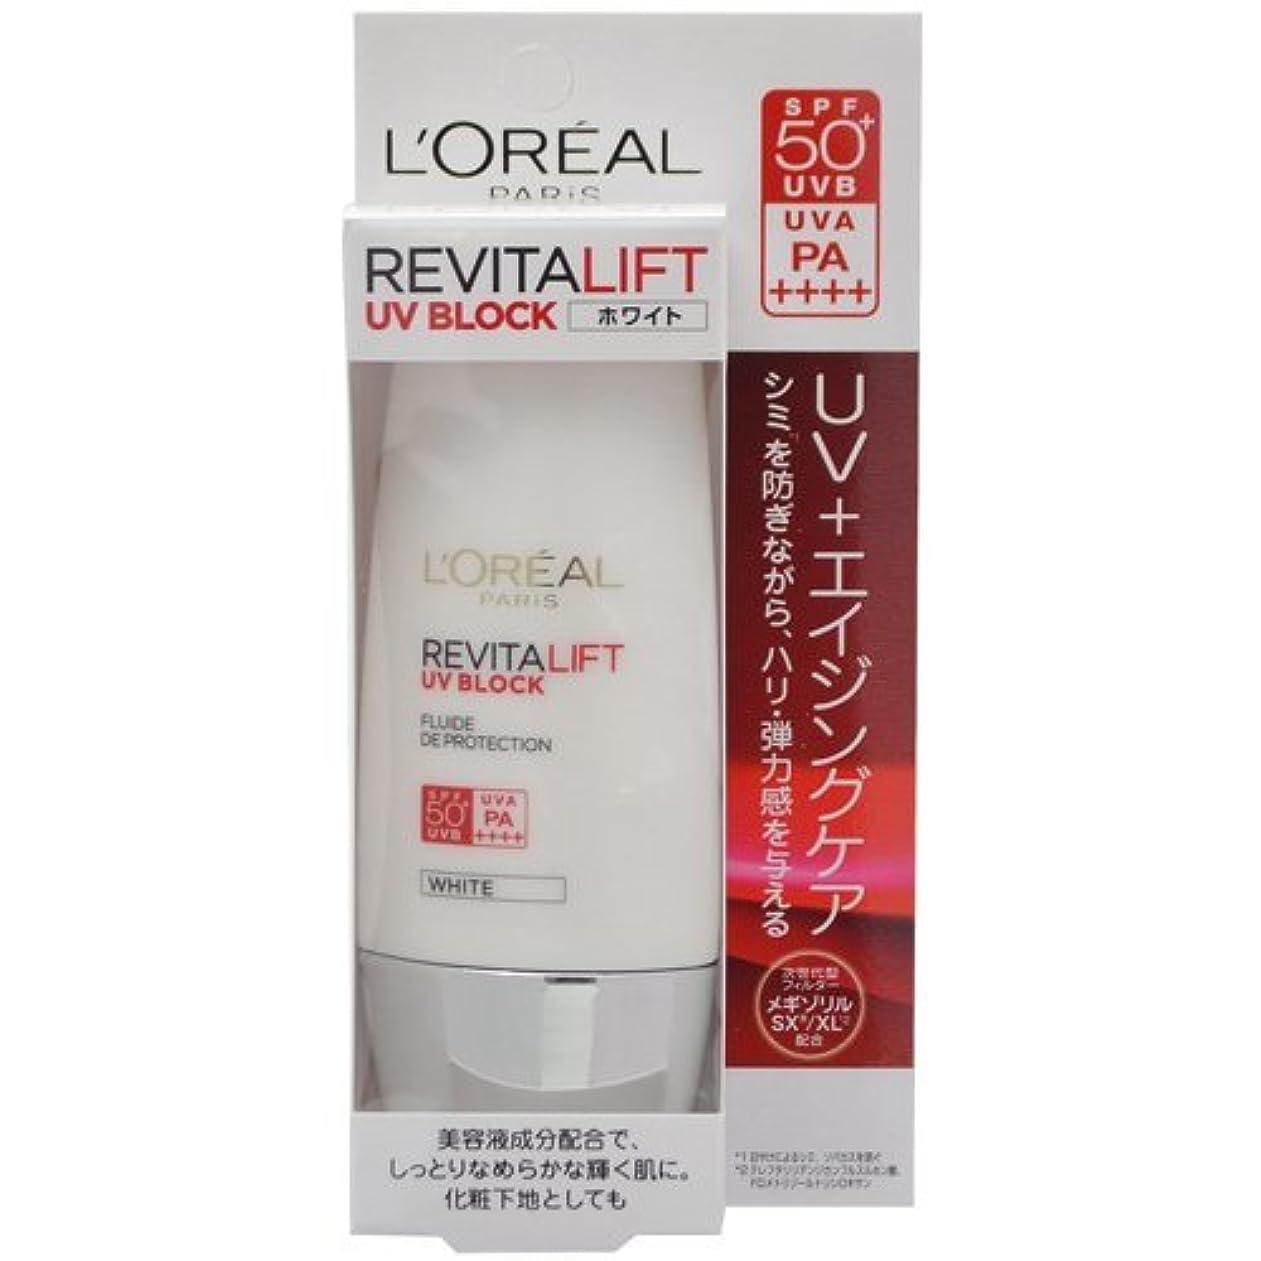 排出独立月曜日ロレアル パリ リバイタルリフト UV ブロック ホワイト 日やけ止め乳液 メイクアップベース (30g) SPF50+ PA++++